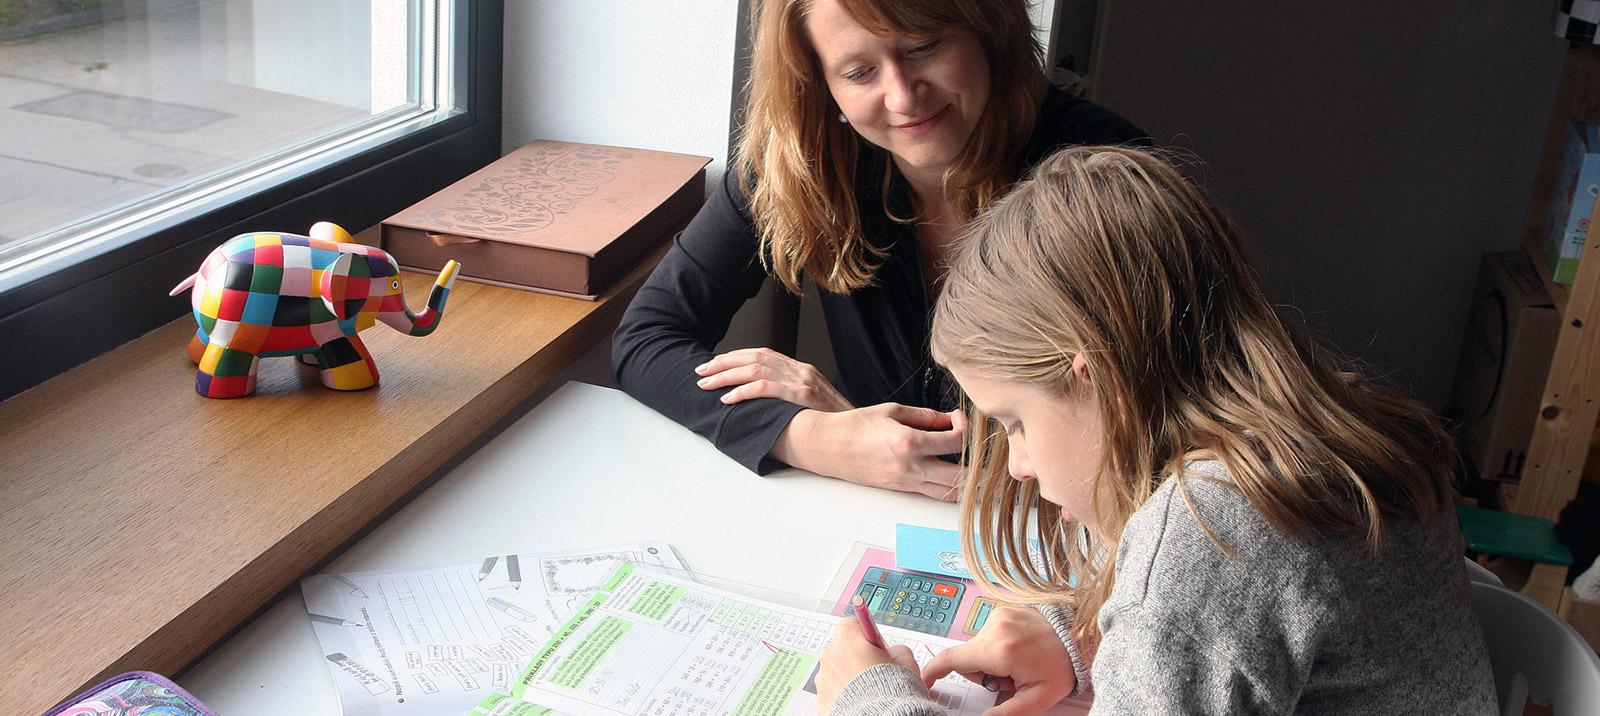 ¿Qué tal  se llevan  las clases y los estudios desde casa? ¿Os mandan más tarea?